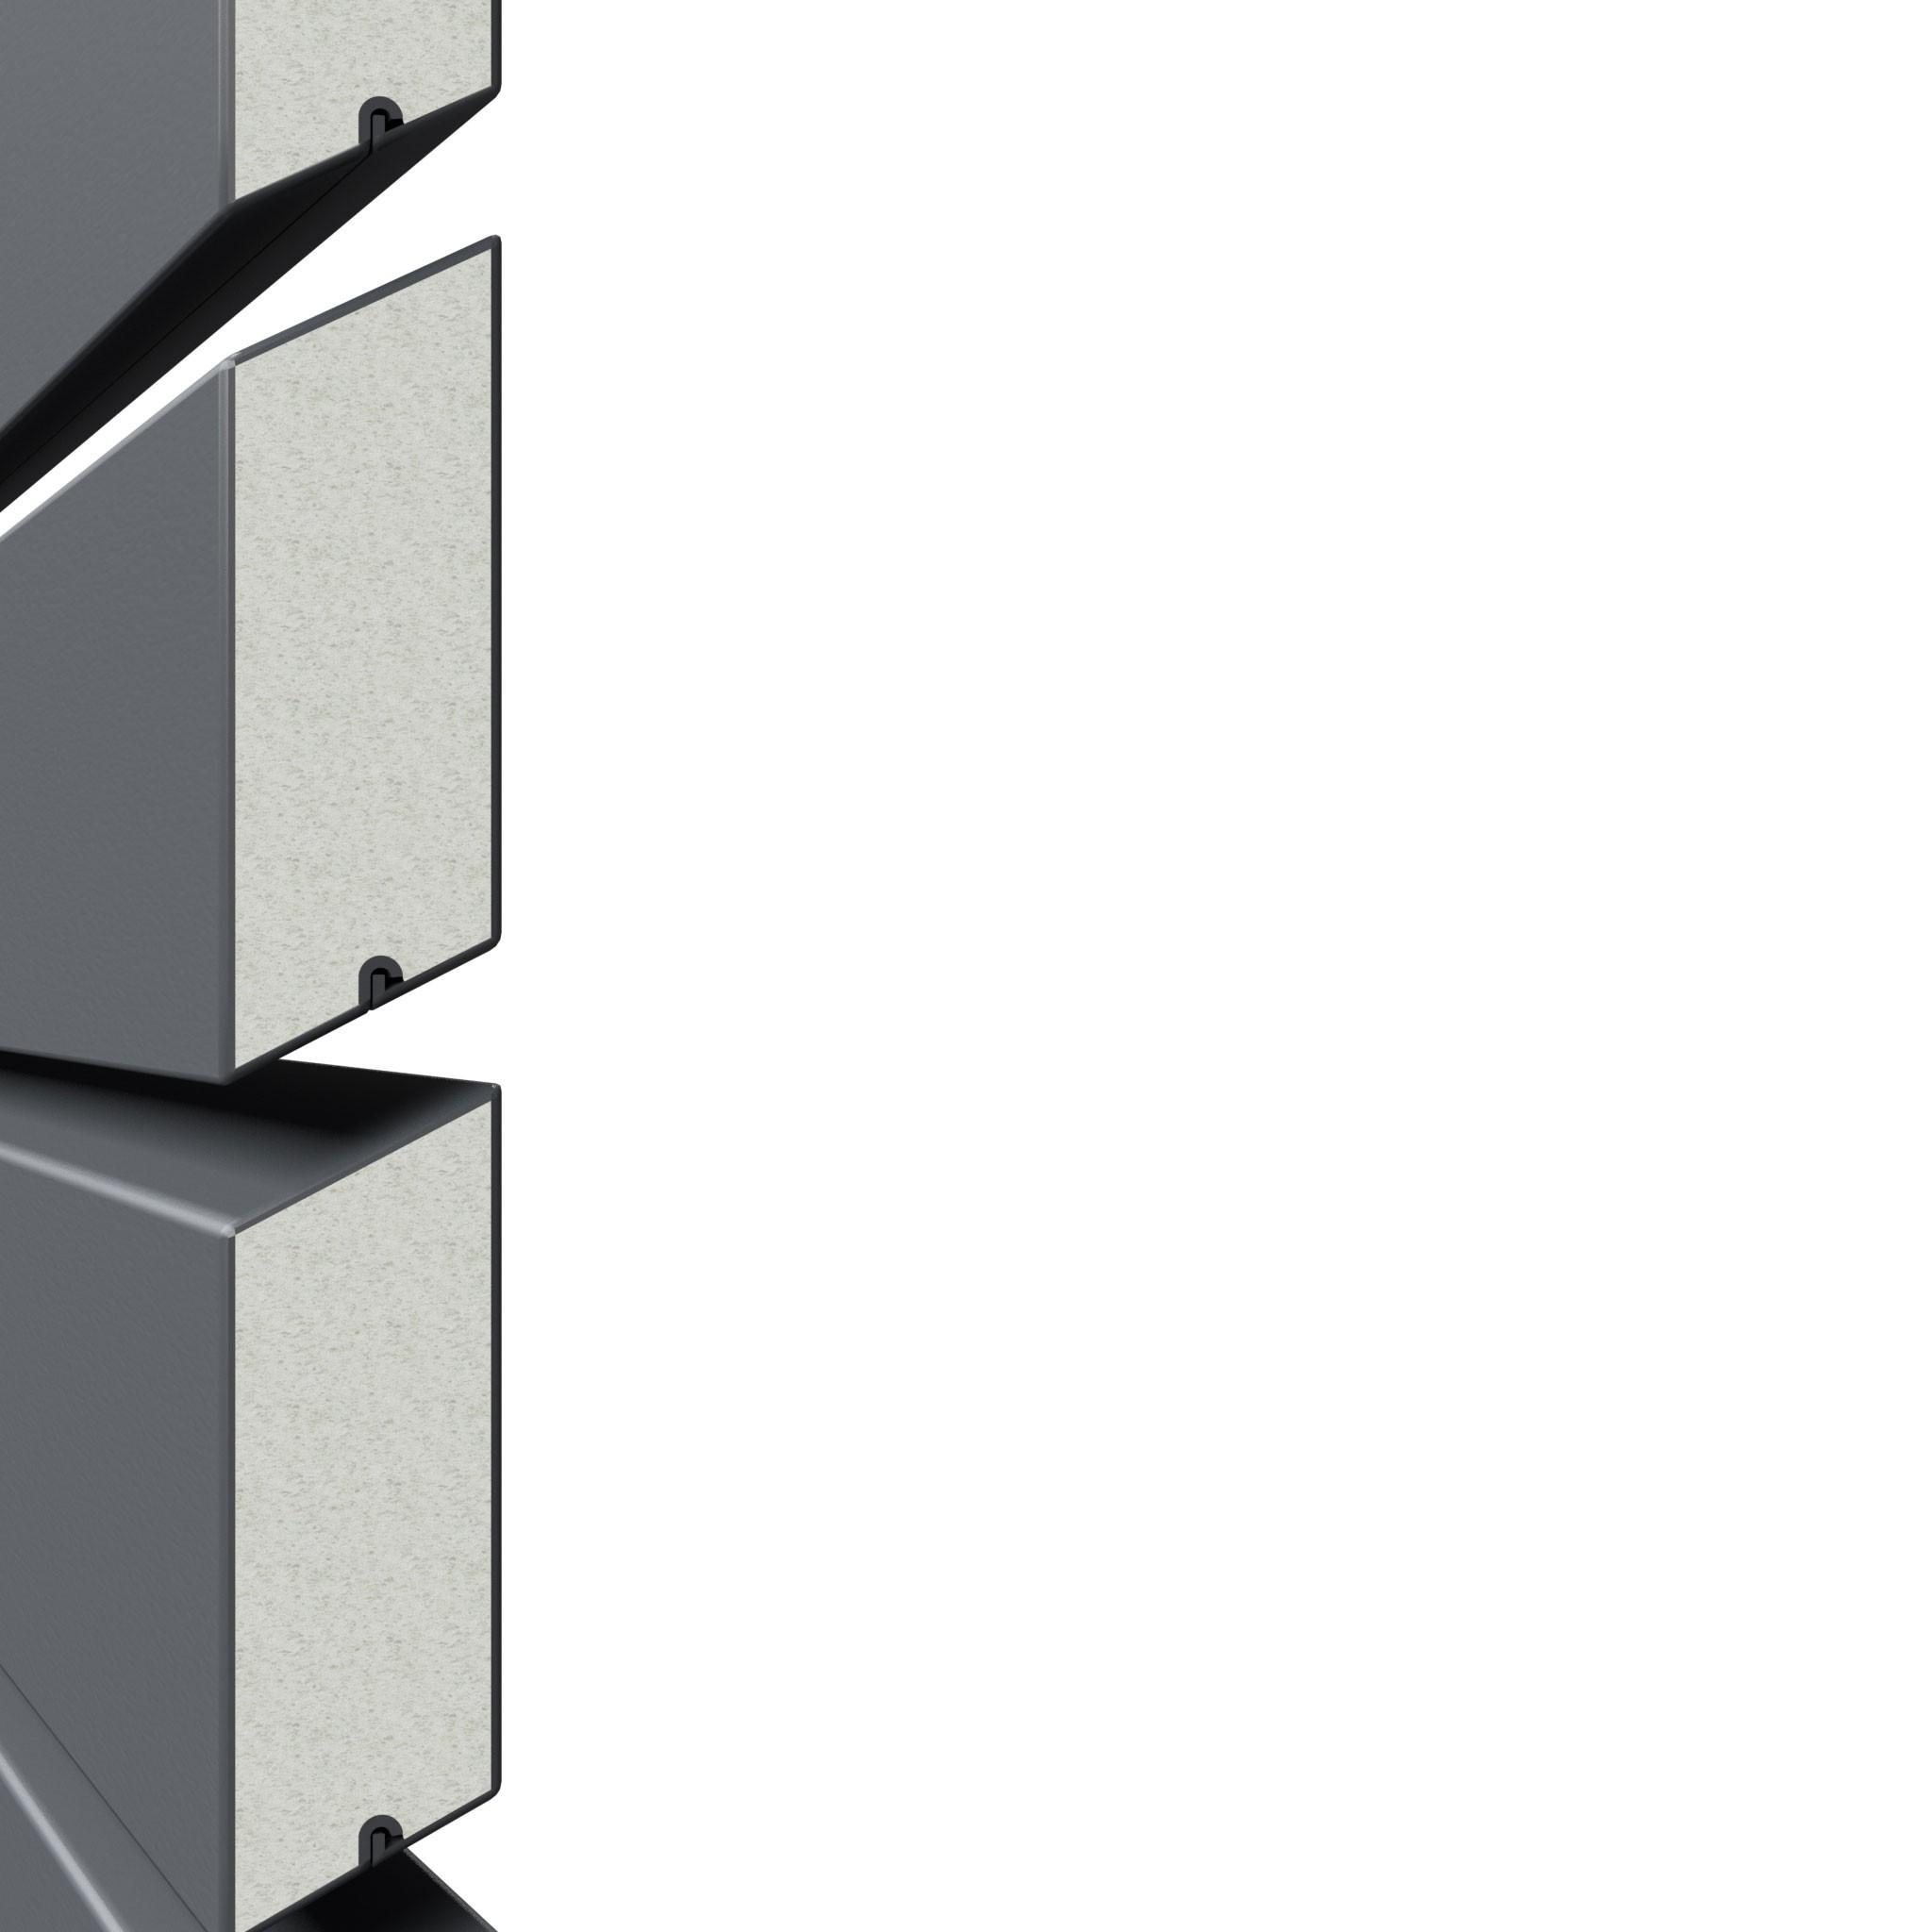 Sichtschutzzaun Traumgarten System Metall Rhombus anthrazit 180x180cm Bild 2